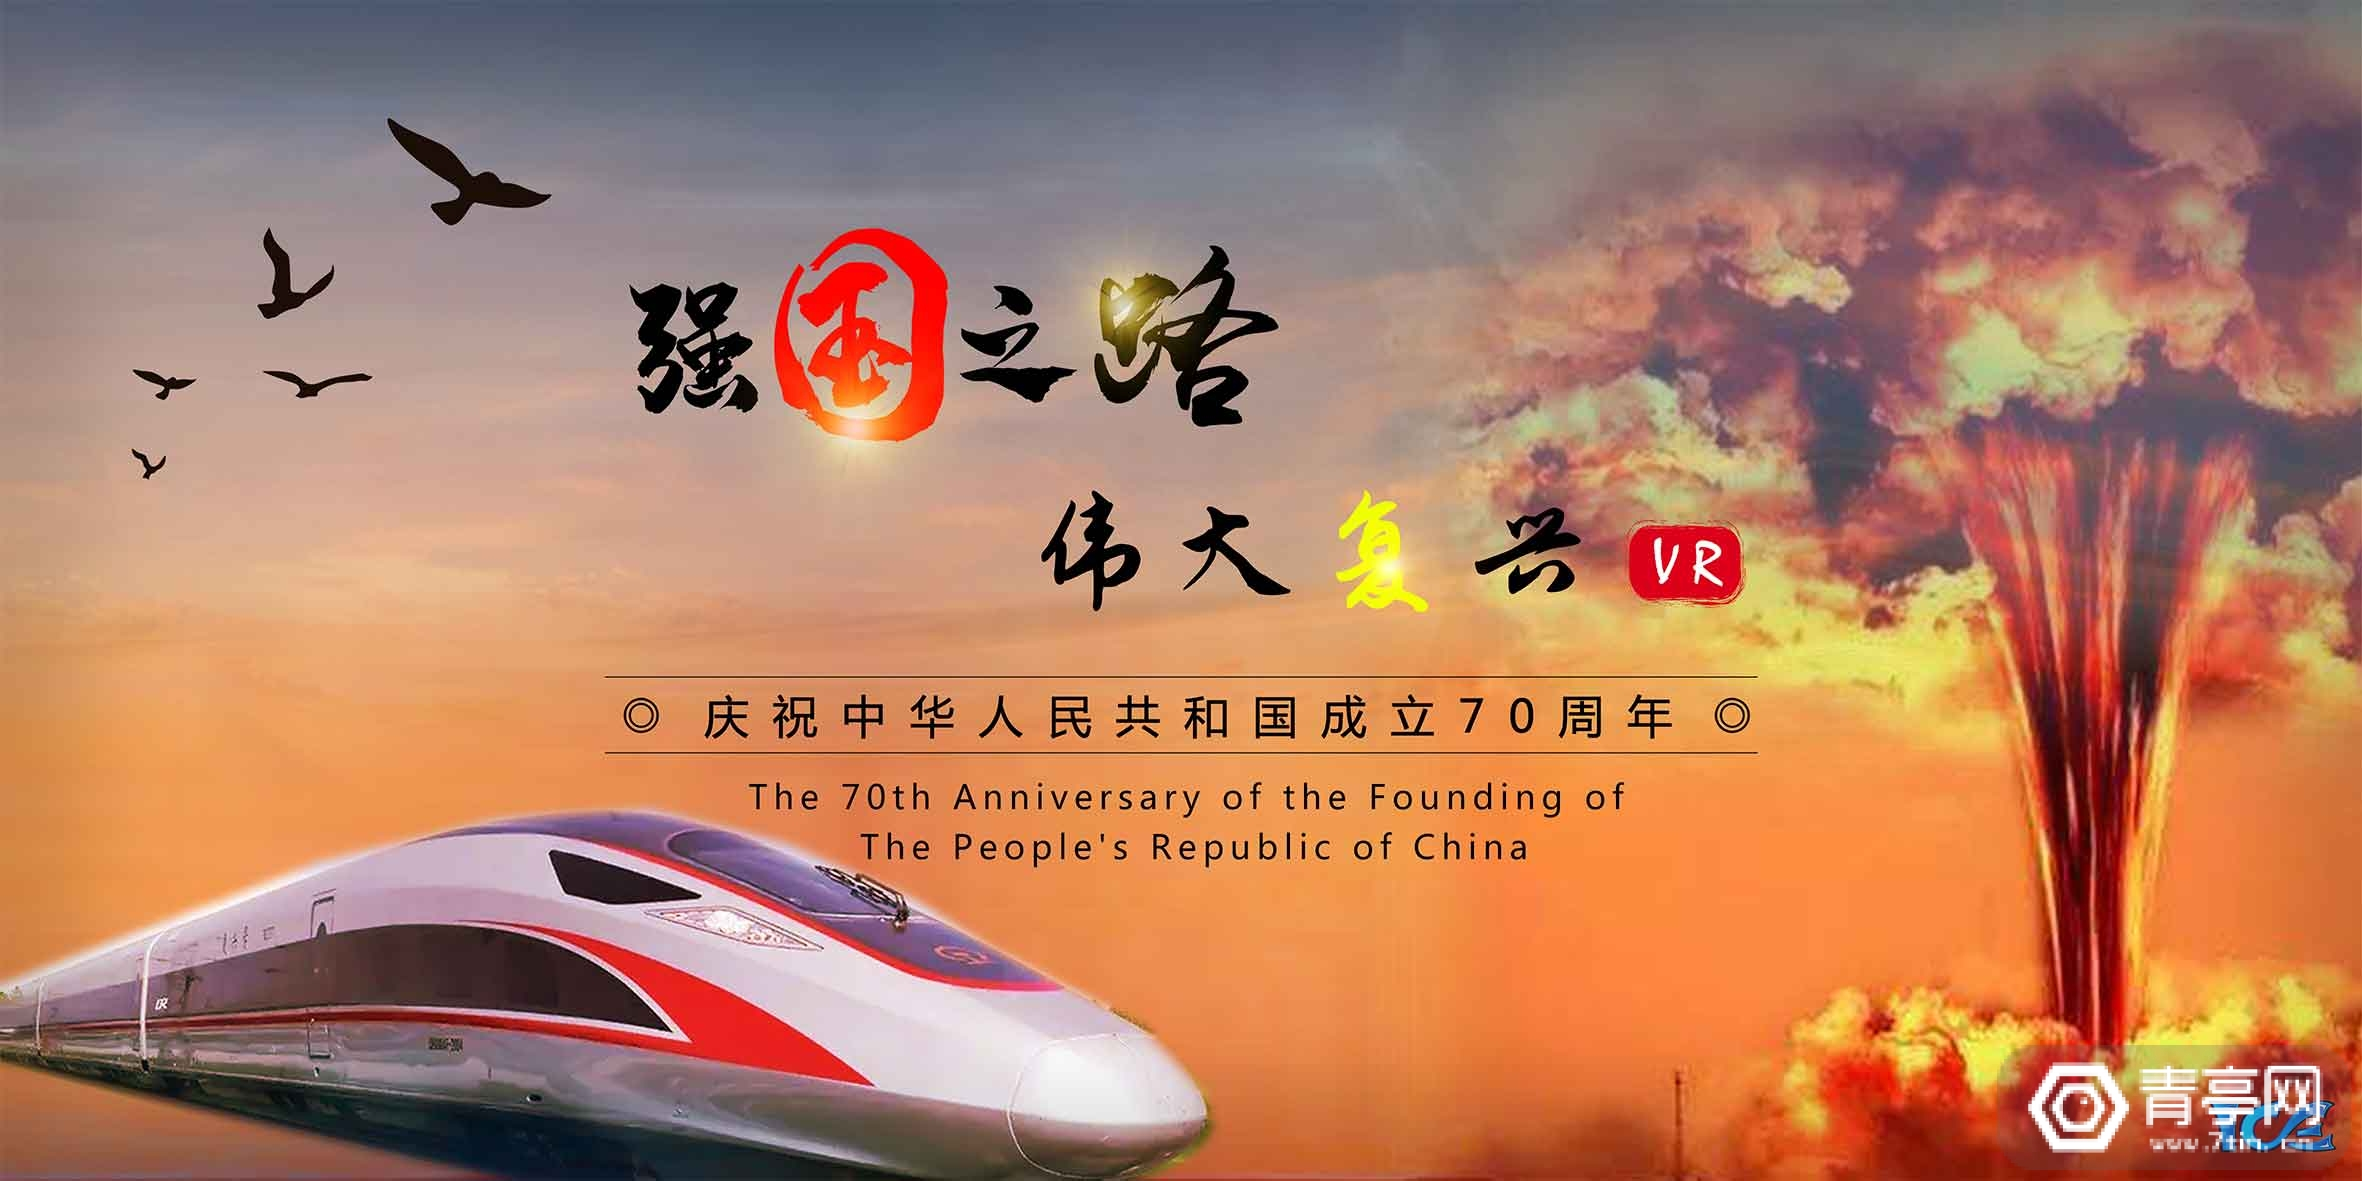 [案例] VR+党建:强国之路系列之中国复兴号